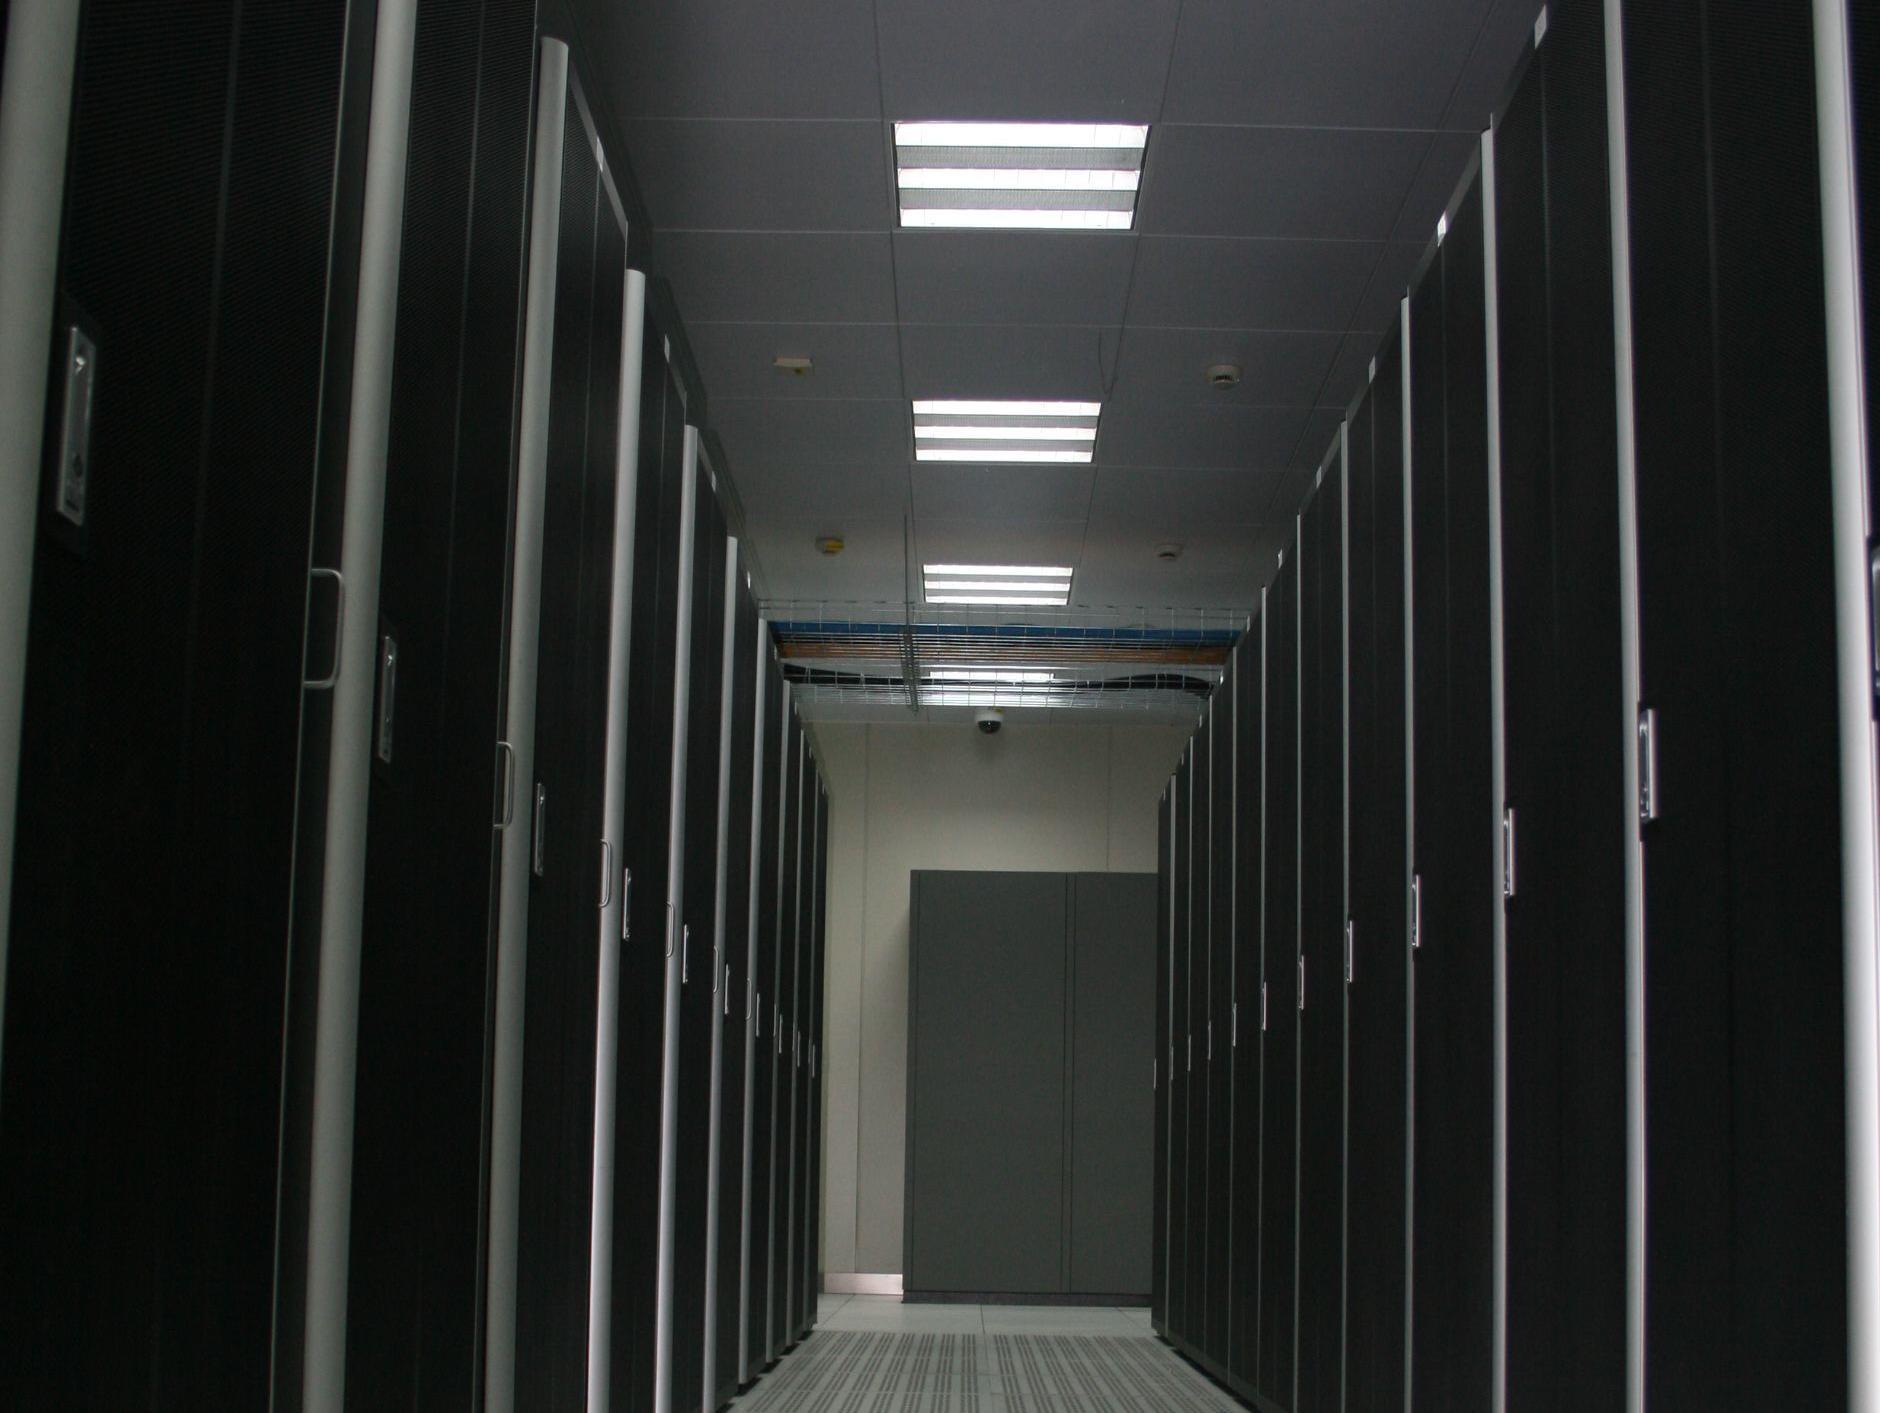 内蒙古某电信公司的UPS监控系统到底有多优秀?